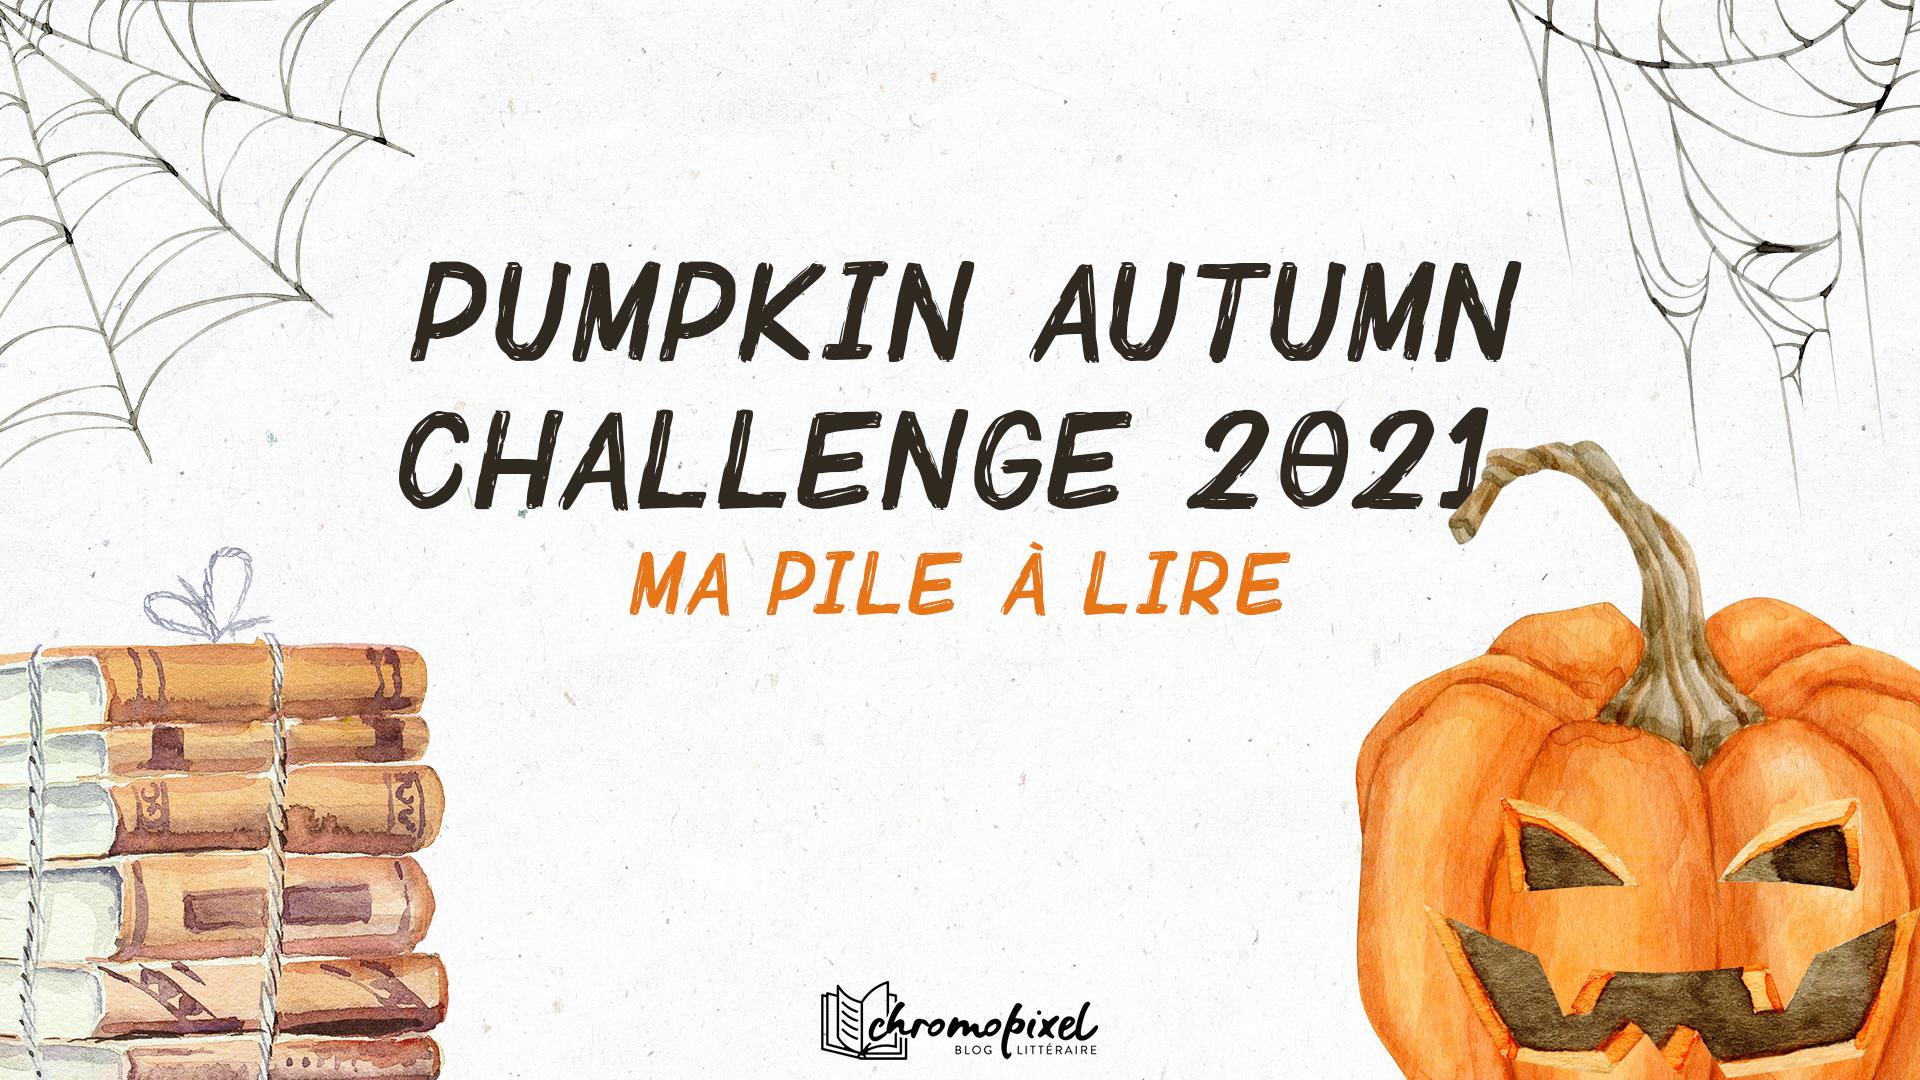 Pumpkin Autumn Challenge 2021